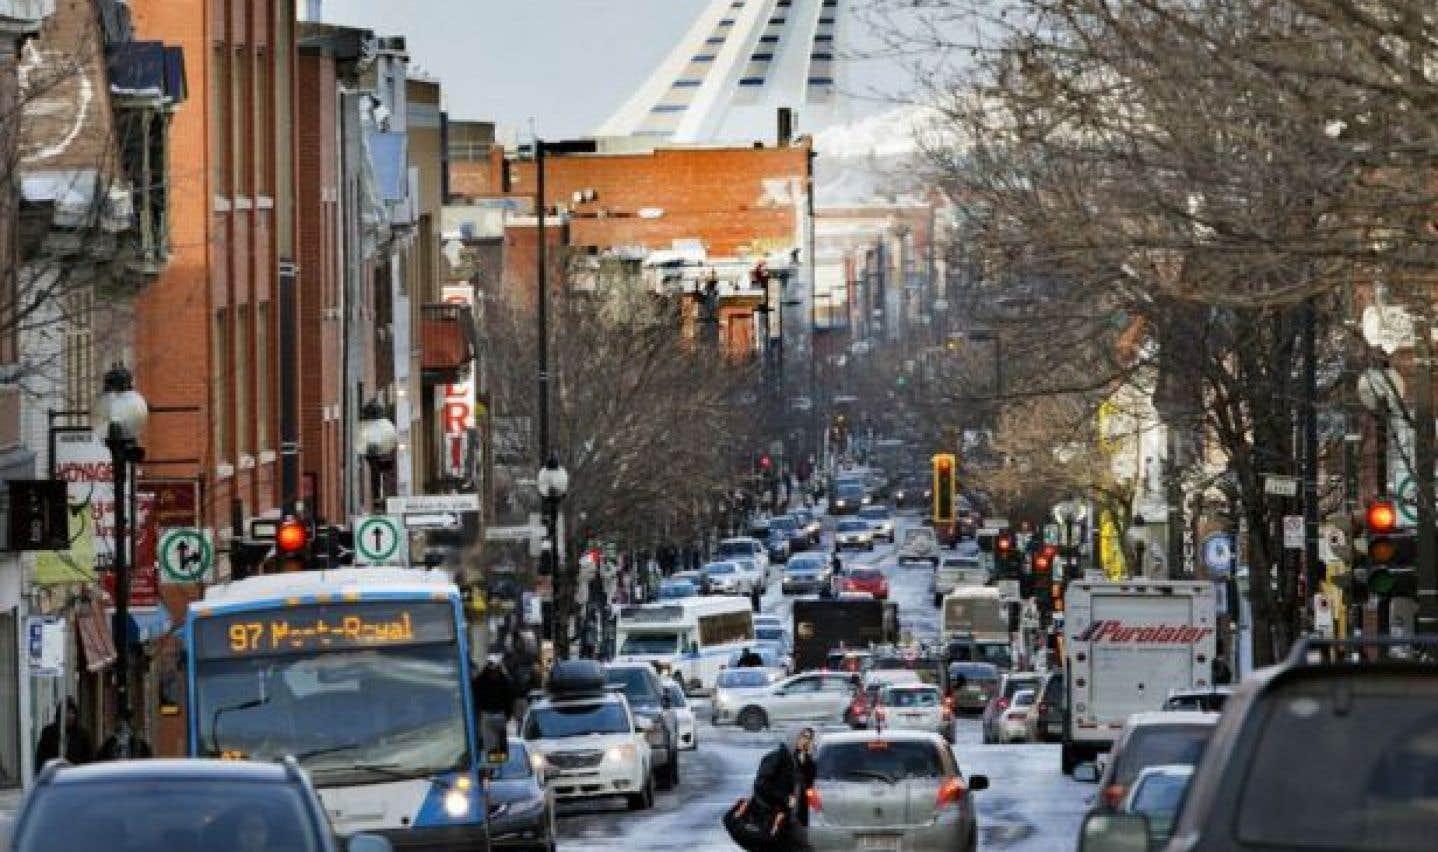 Le Québec peine à réduire ses émissions de gaz à effet de serre